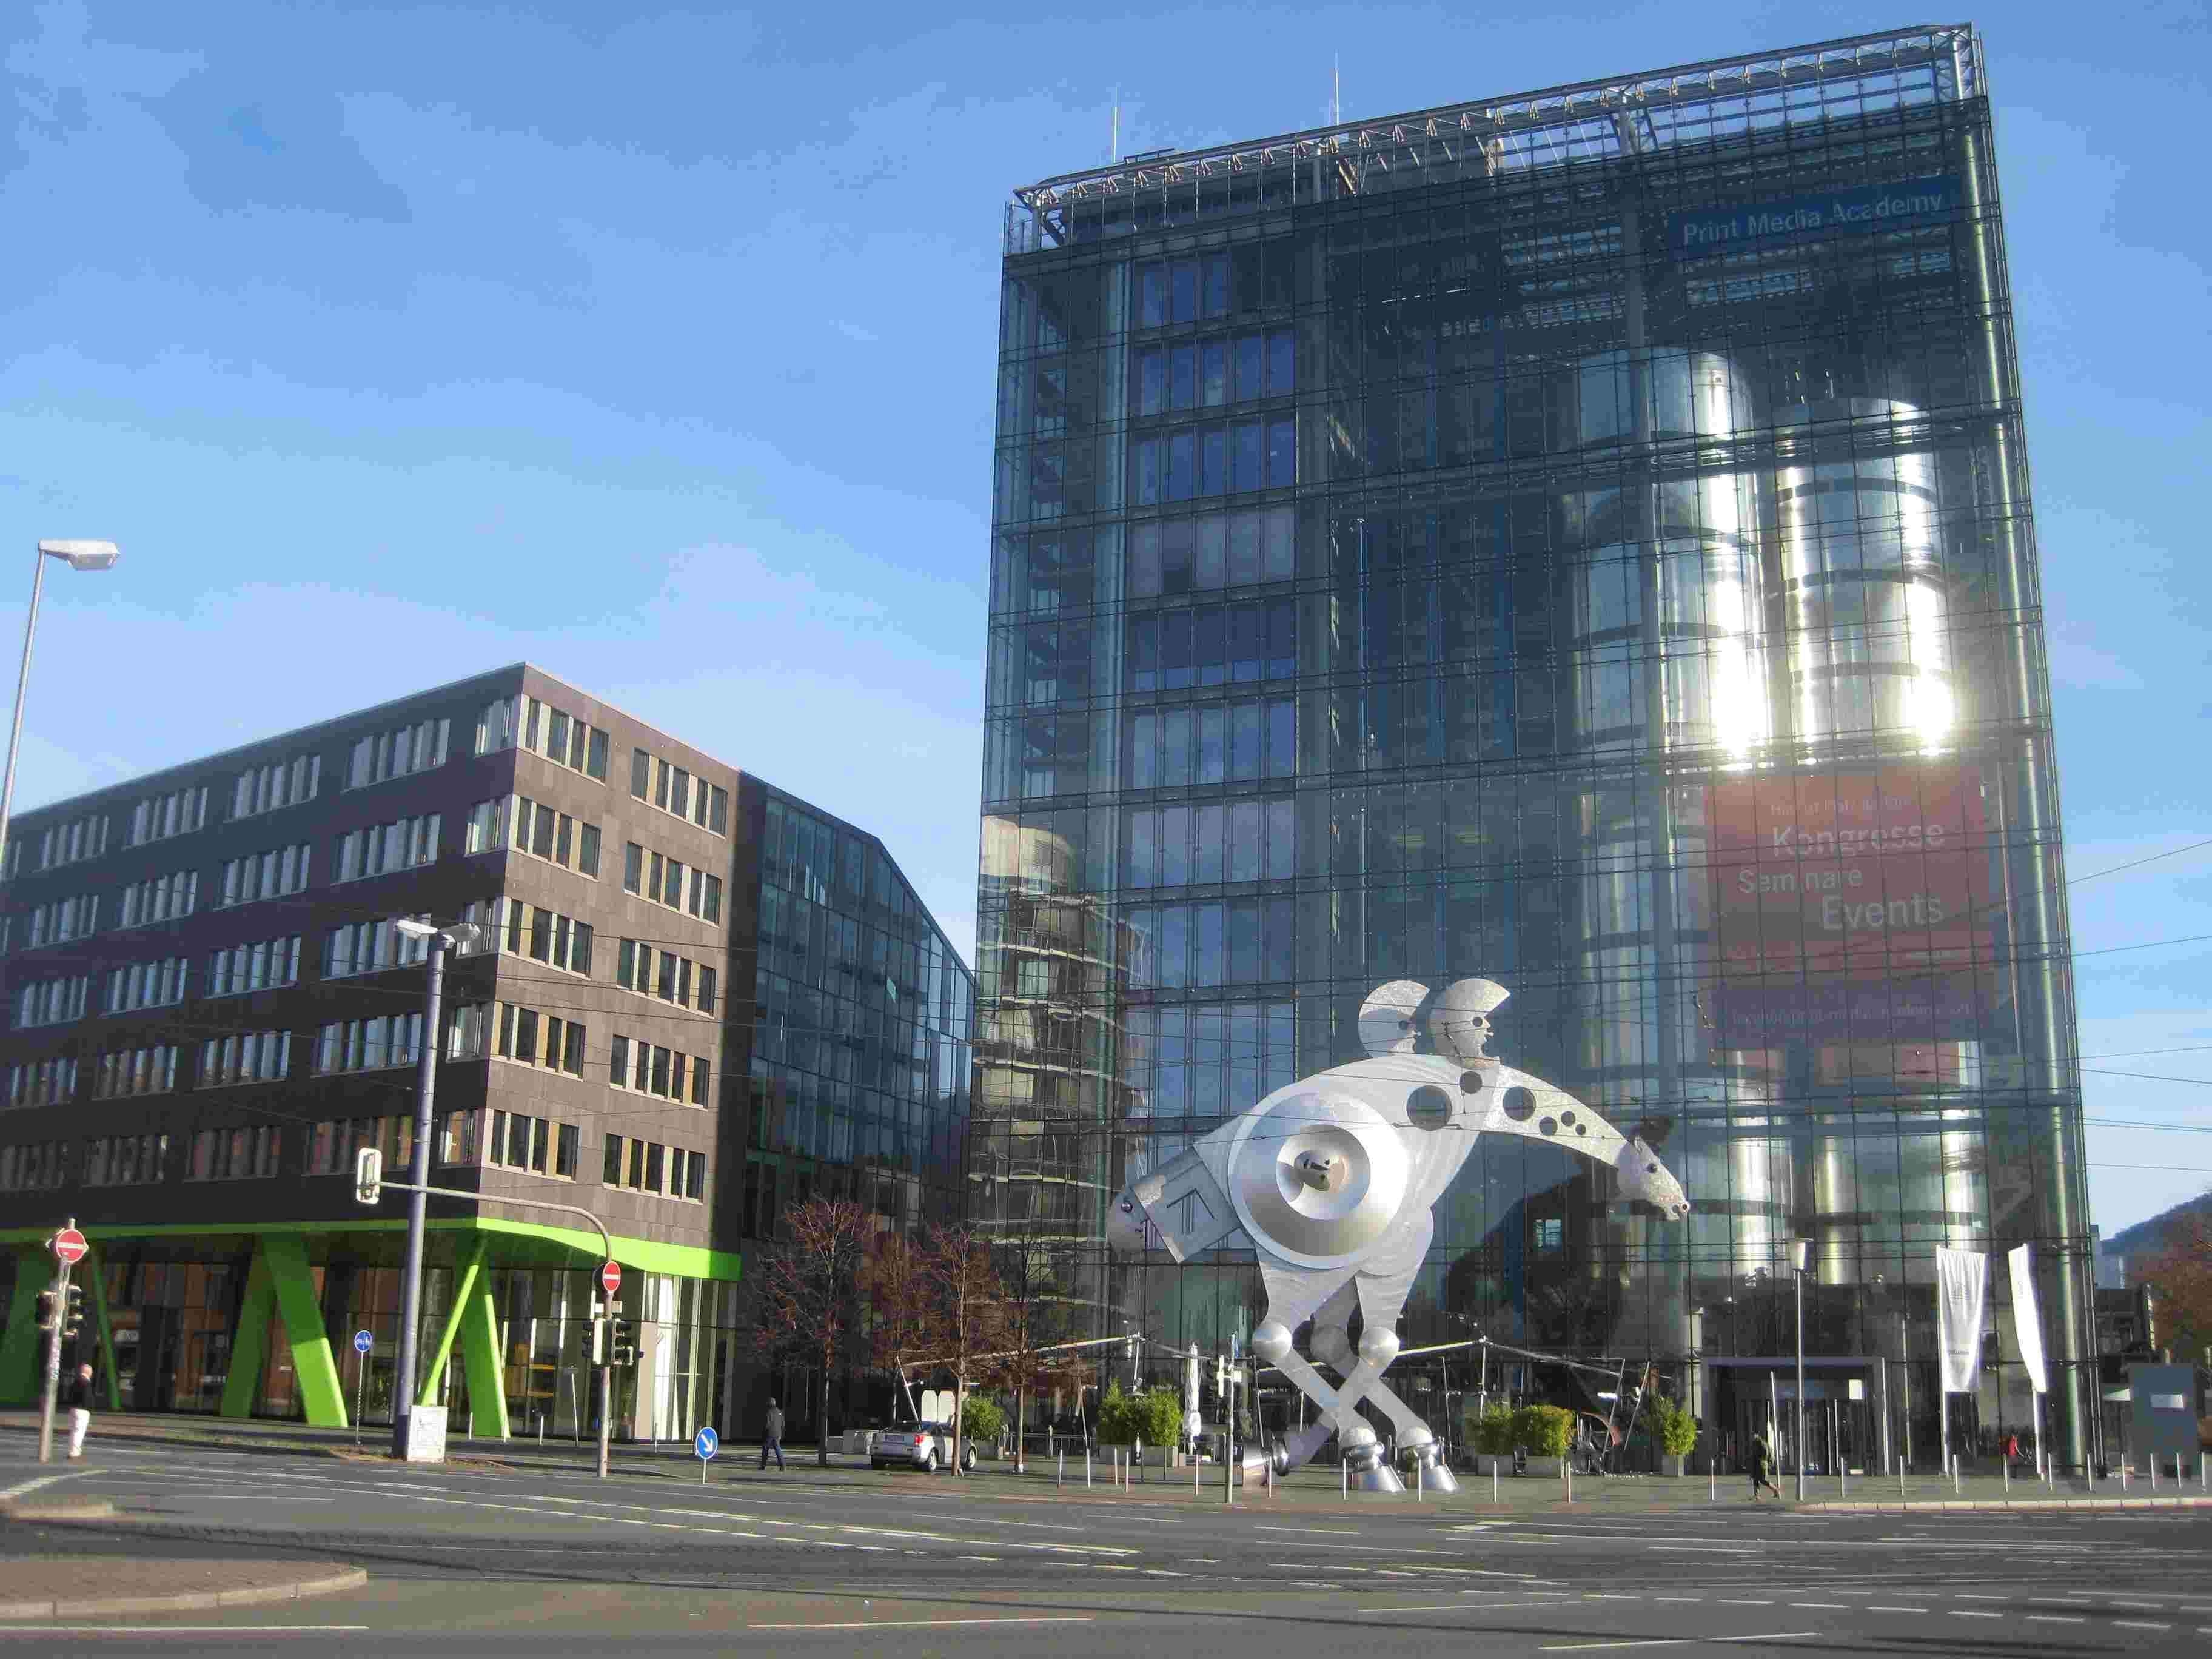 d59acbc91c1b78 Februar 2000  das S-Printing Horse von Jürgen Goertz wird vor der Print  Media-Akademie der Heidelberger Druckmaschinen AG aufgestellt